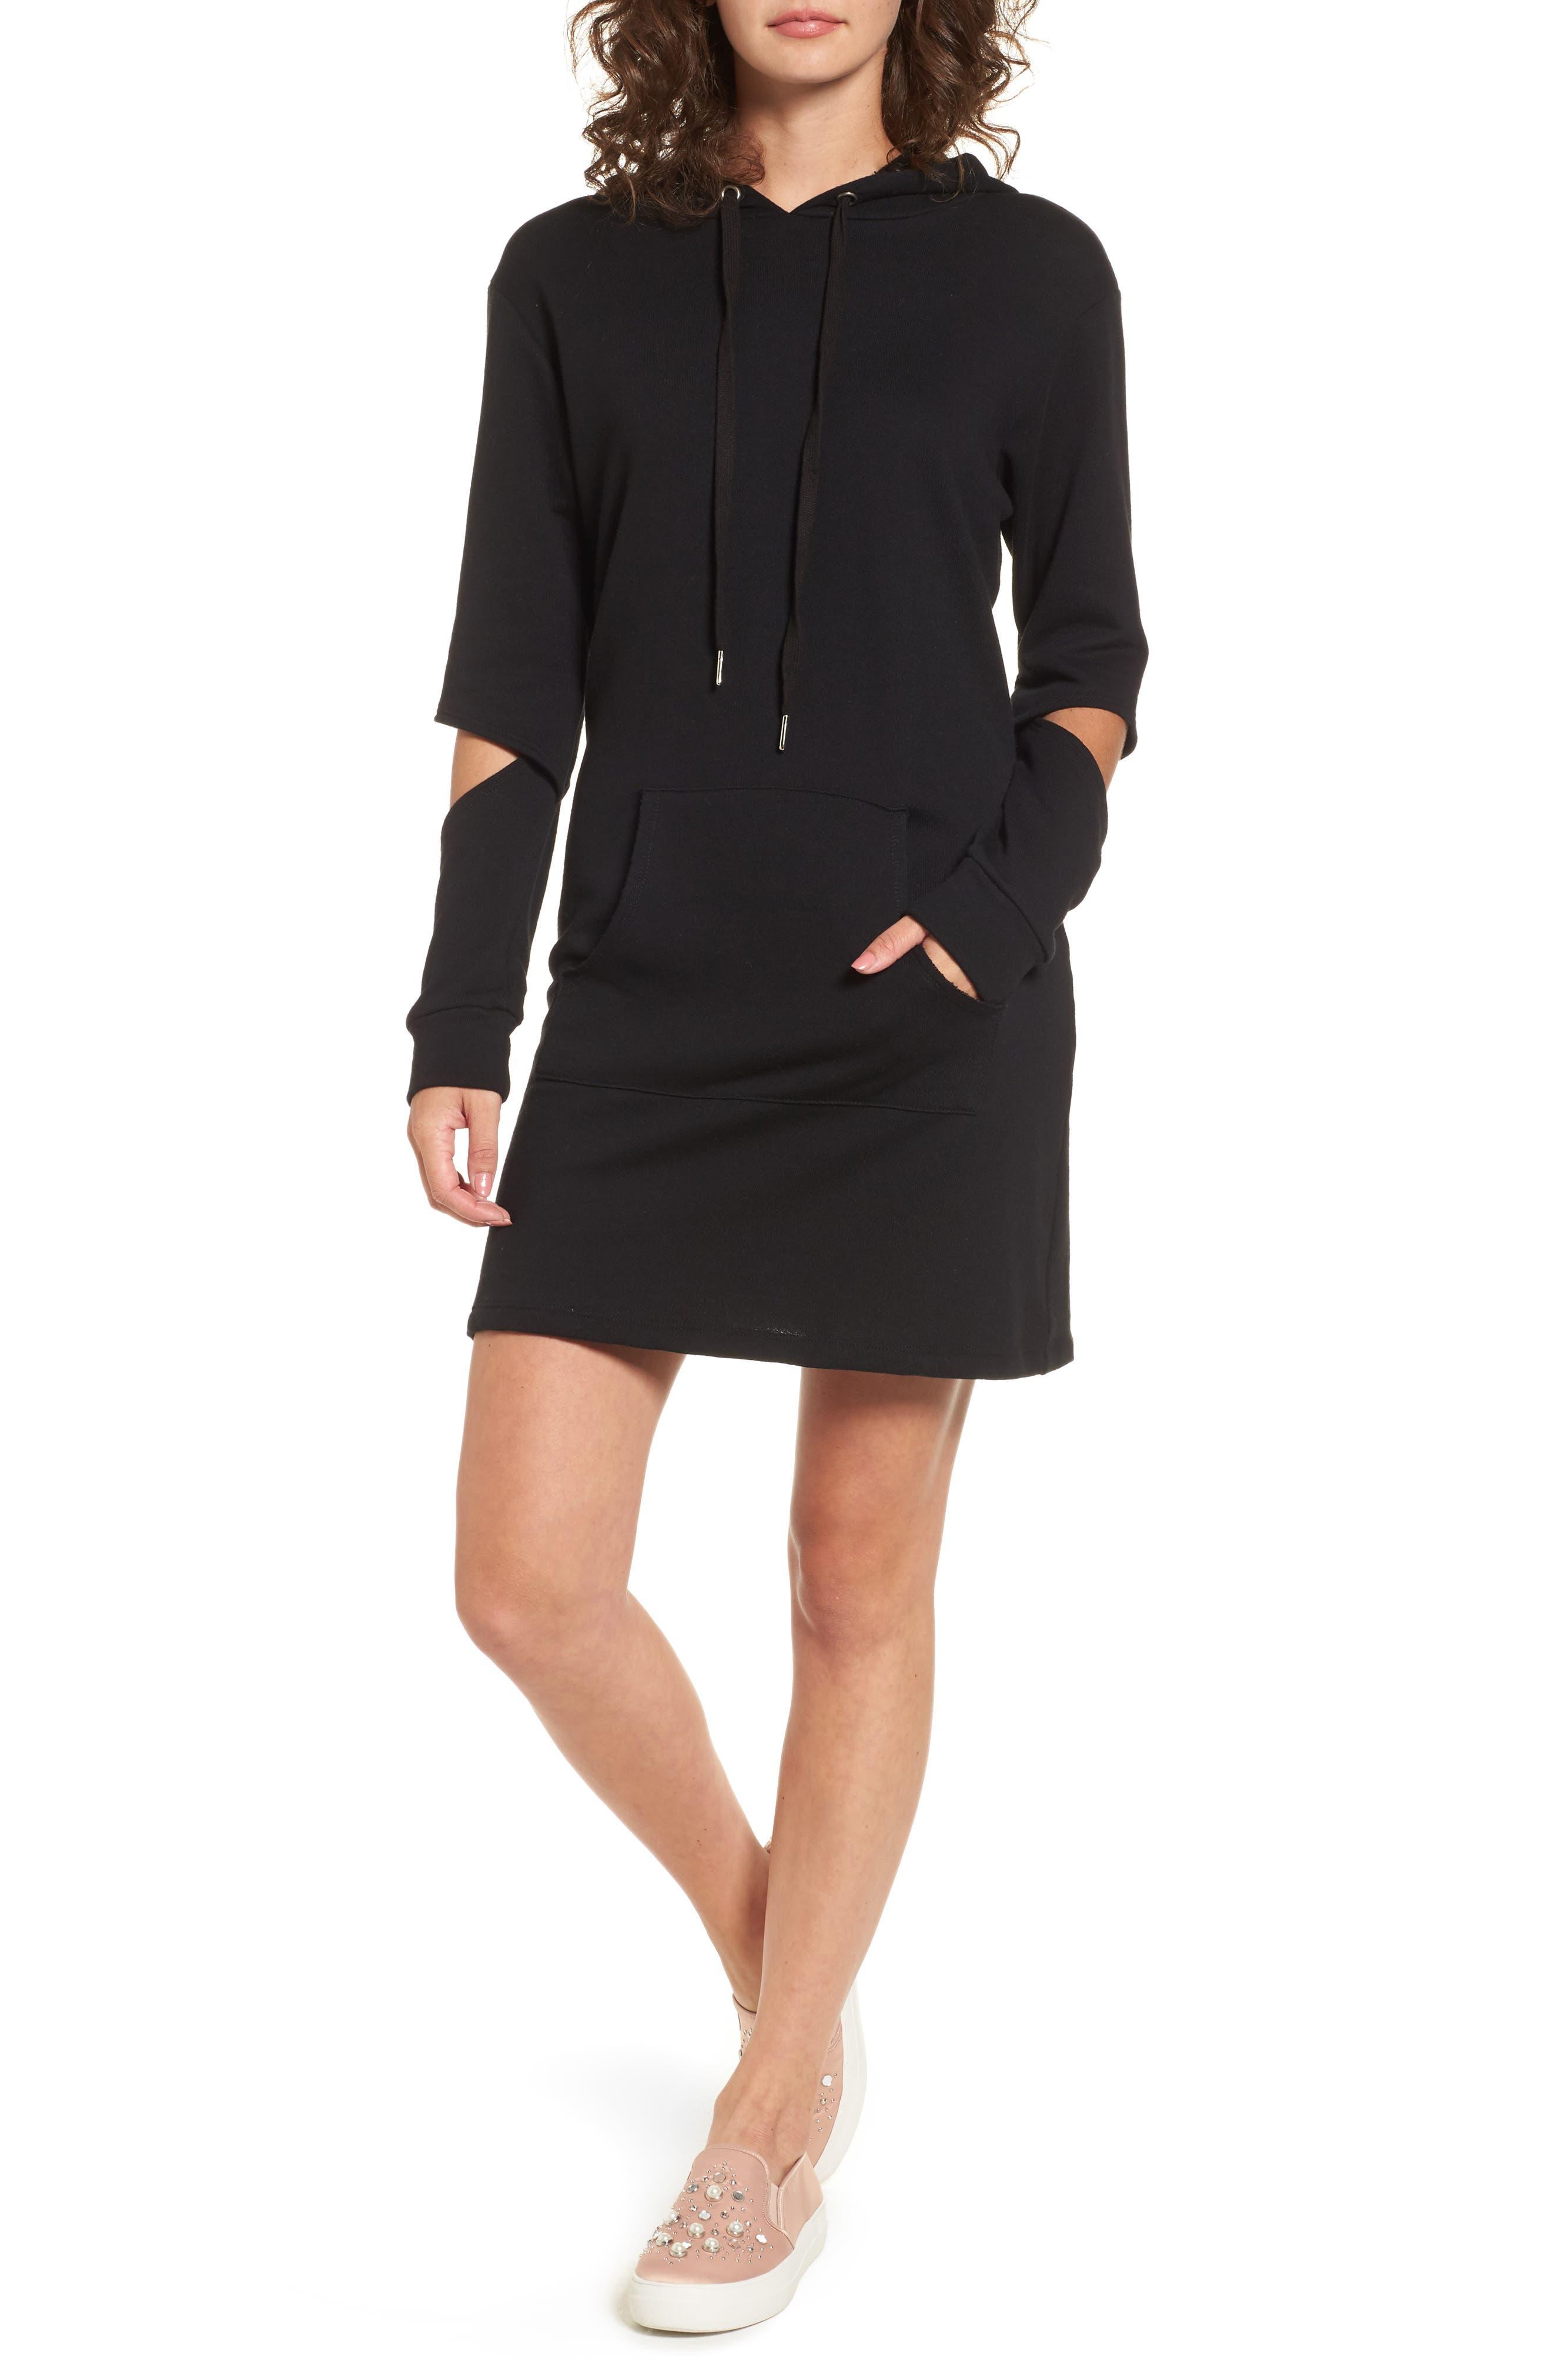 Alternate Image 1 Selected - Socialite Cutout Sleeve Hoodie Dress